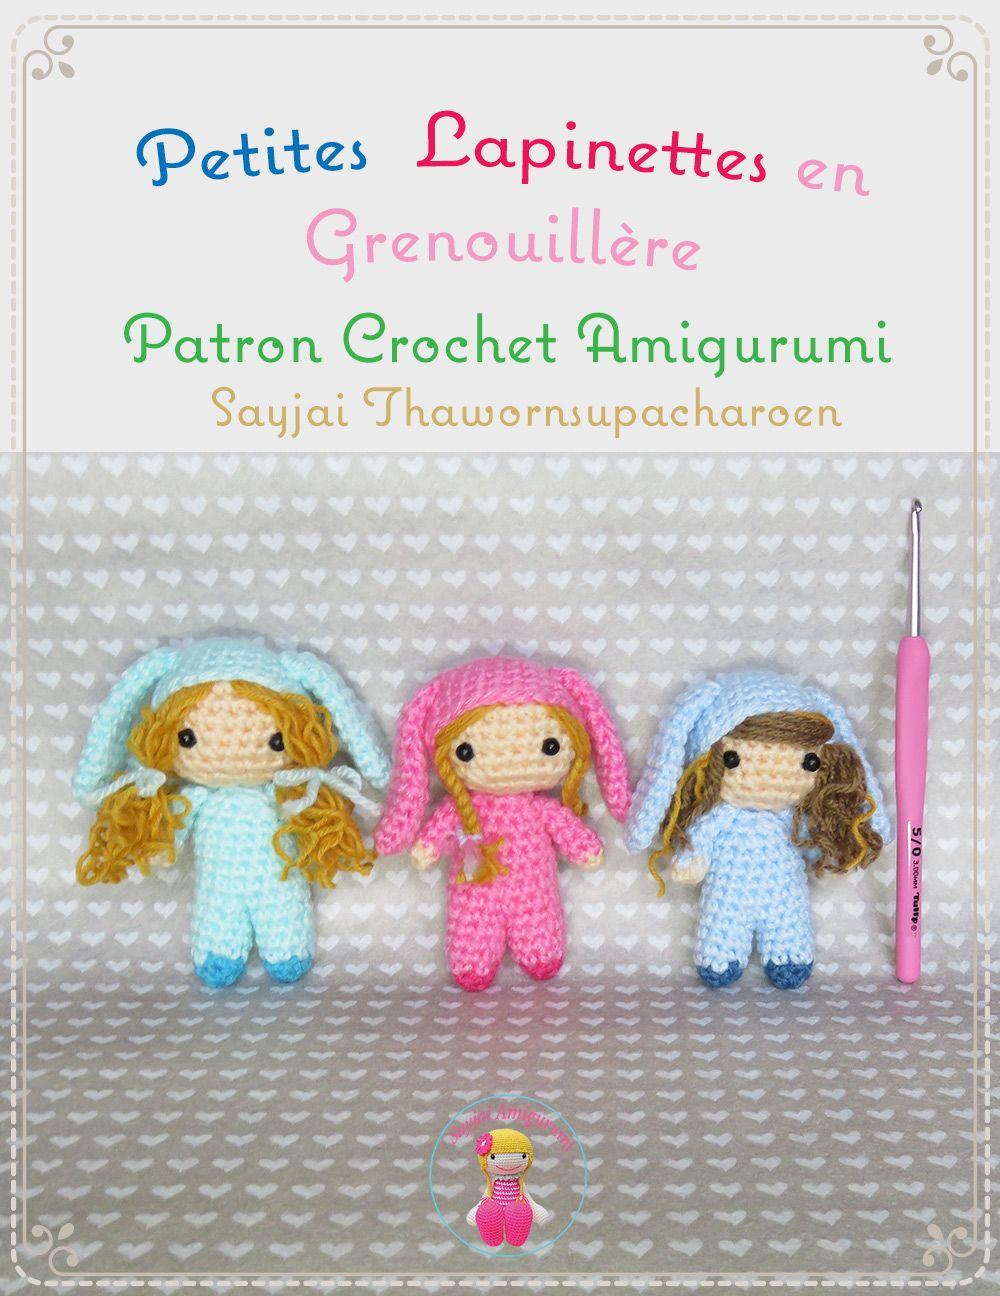 J\'ai un nouveau patron de crochet gratuit: Petites Lapinettes en ...